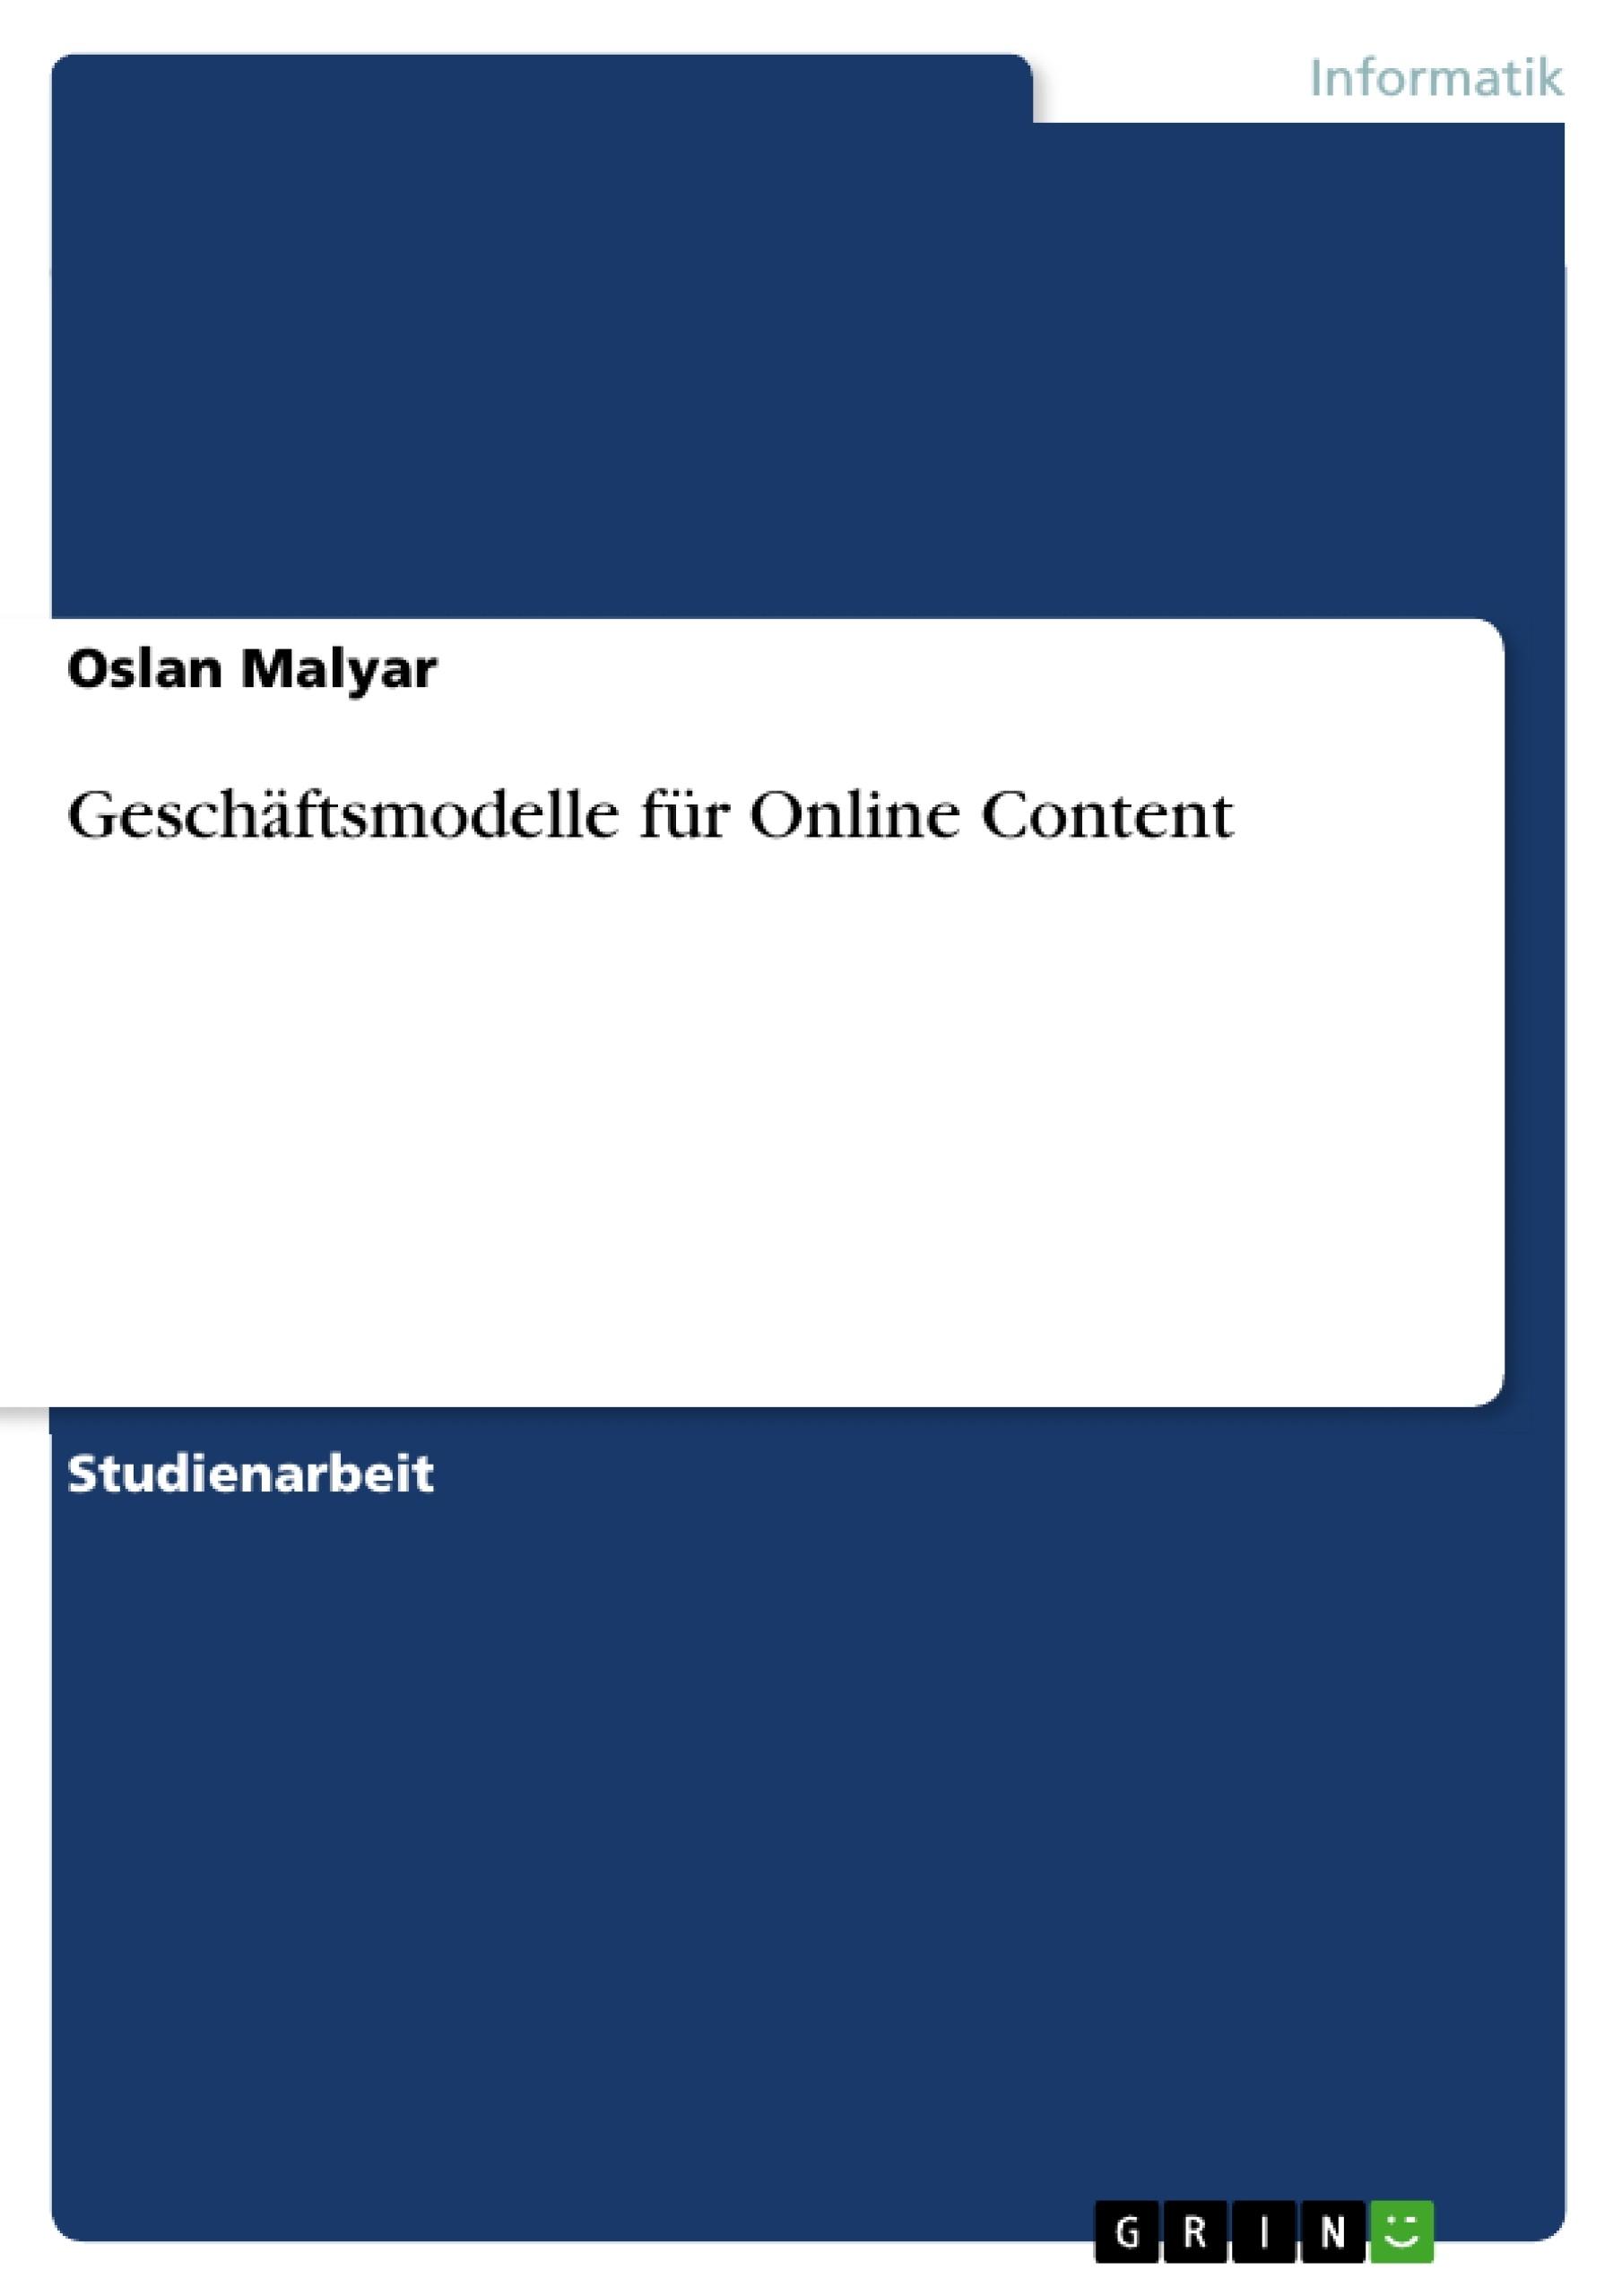 Titel: Geschäftsmodelle für Online Content